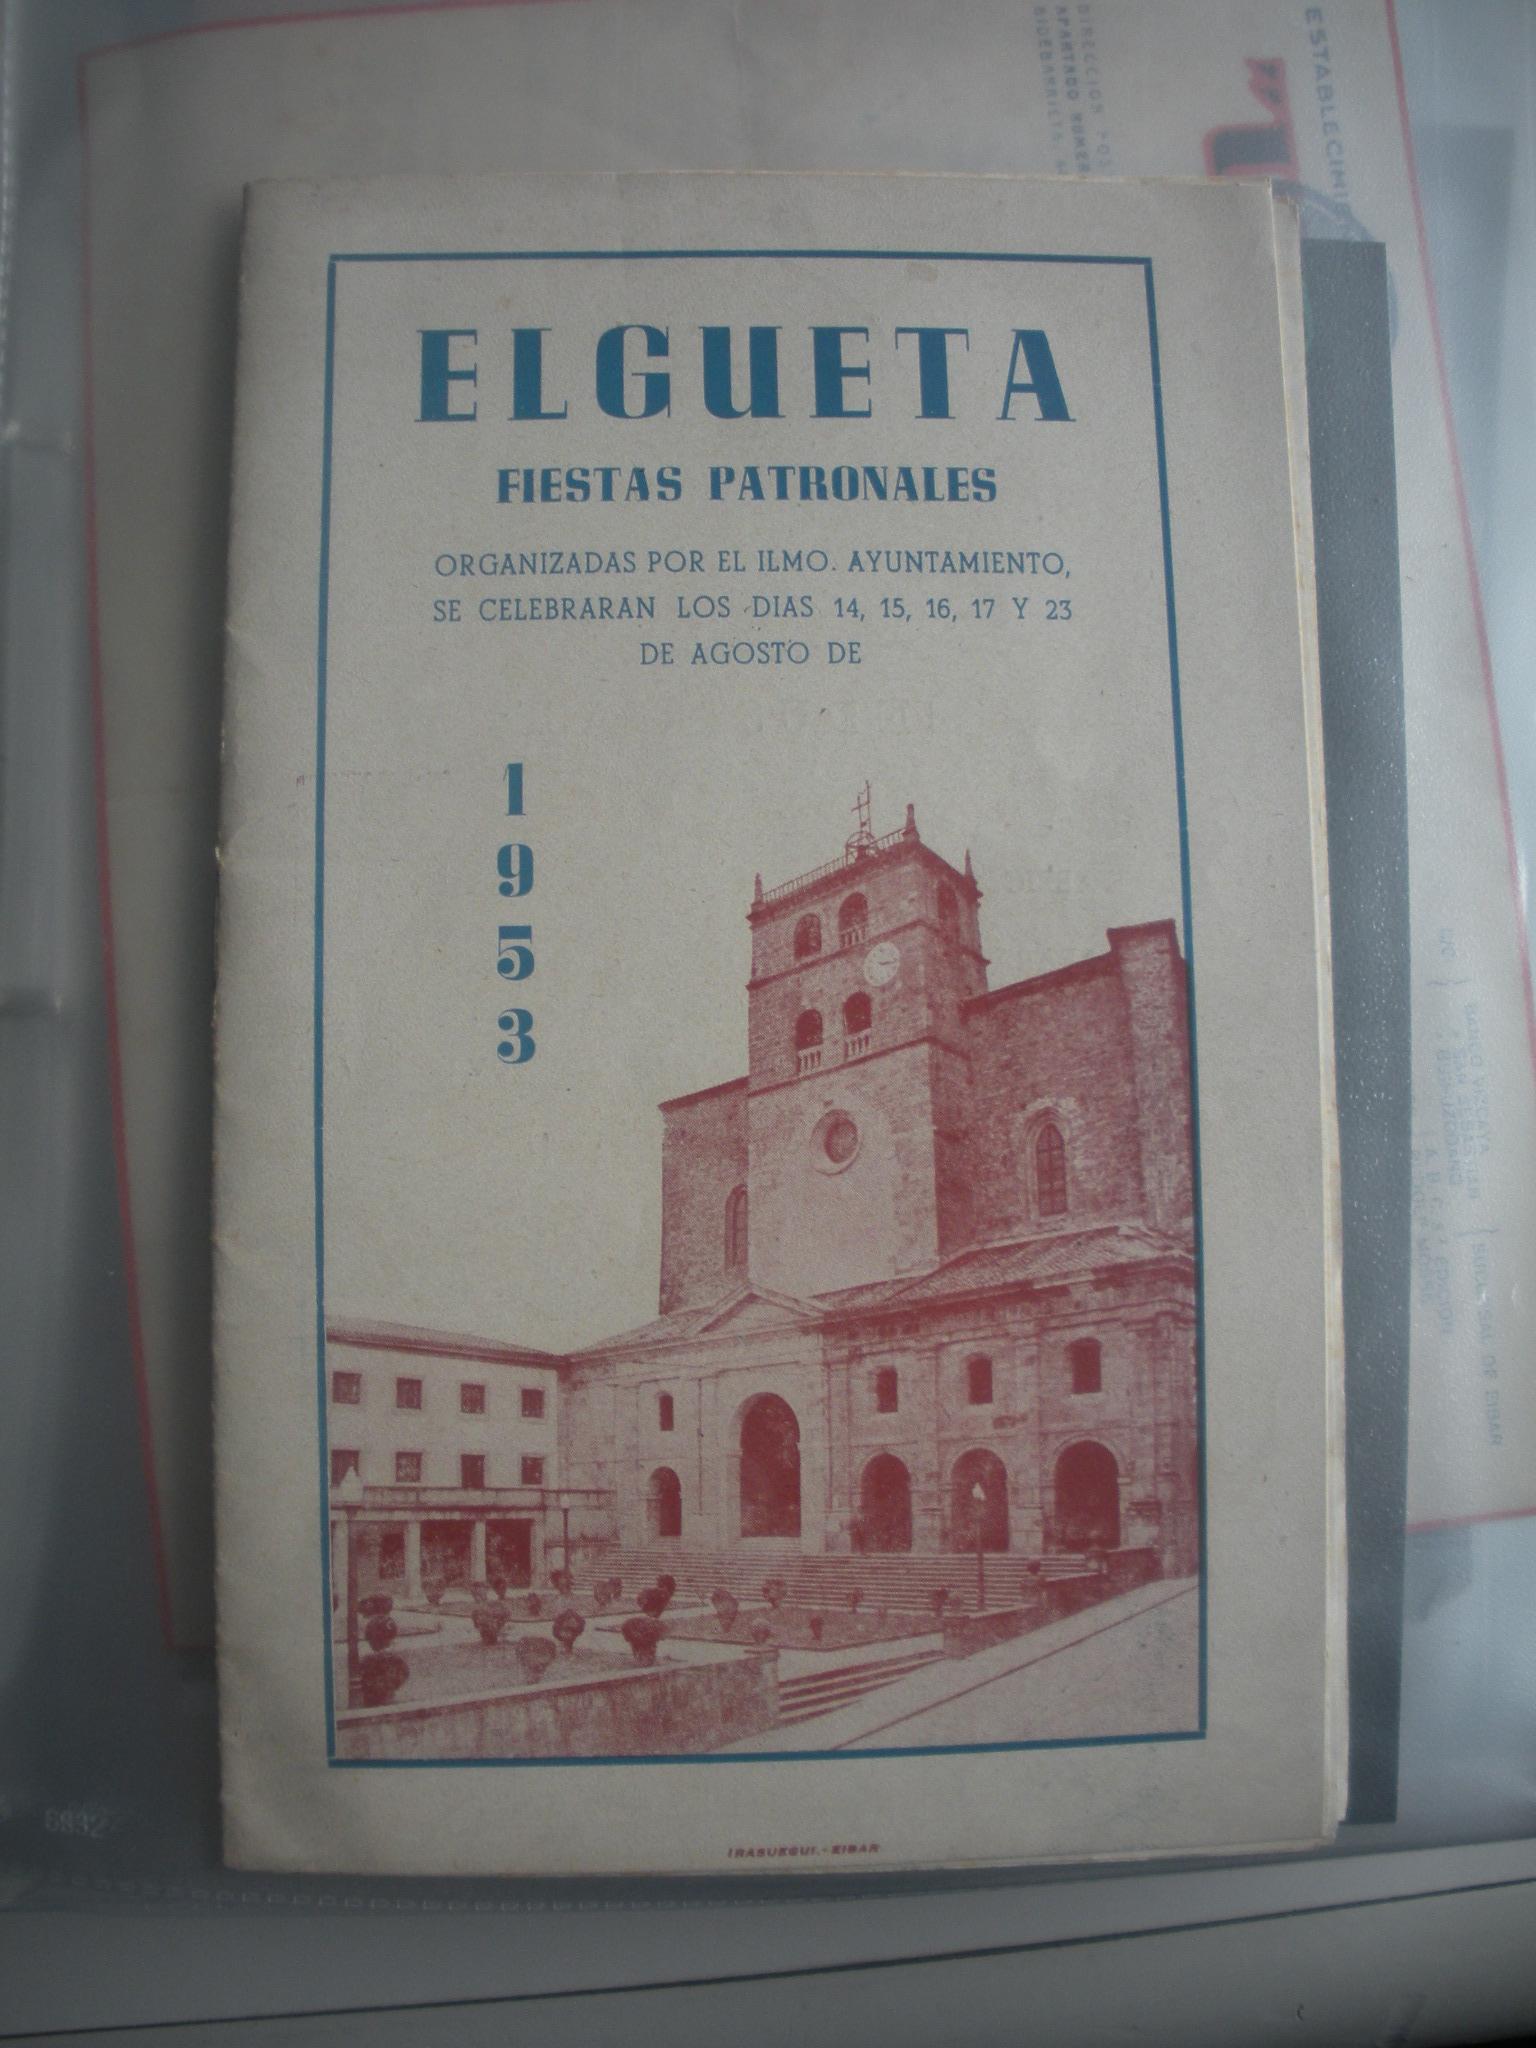 PROGRAMA DE FIESTAS PATRONALES DE ELGETA